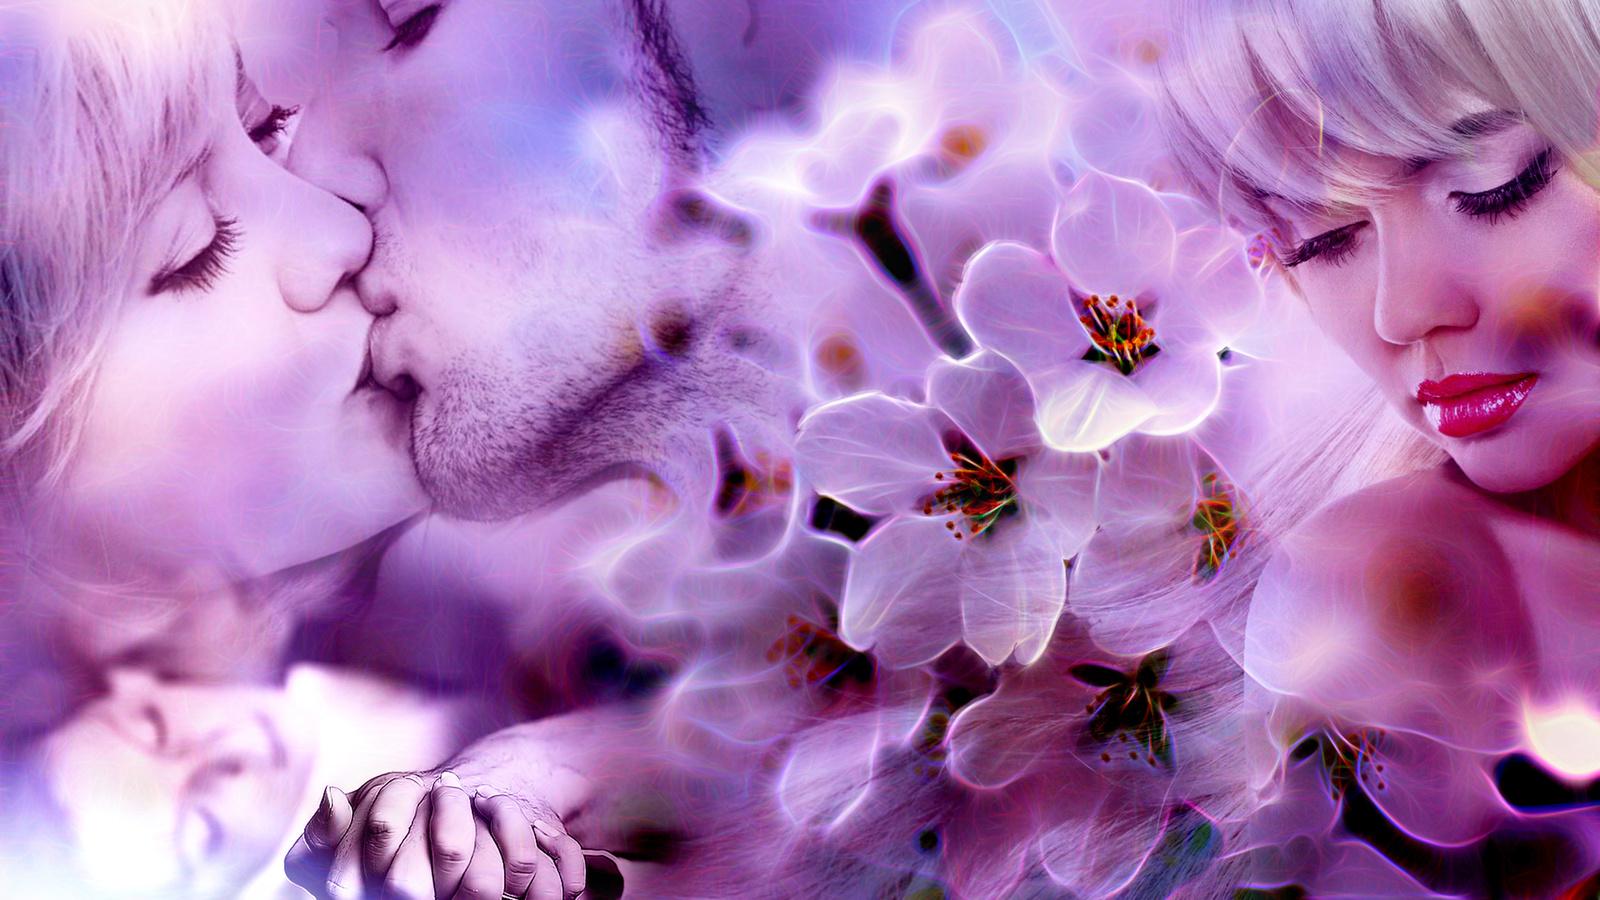 девушка, парень, любовь, воспоминания, весна, поцелуй, нежность, счастье, влюблённые, цветы,, взаимность, коллаж